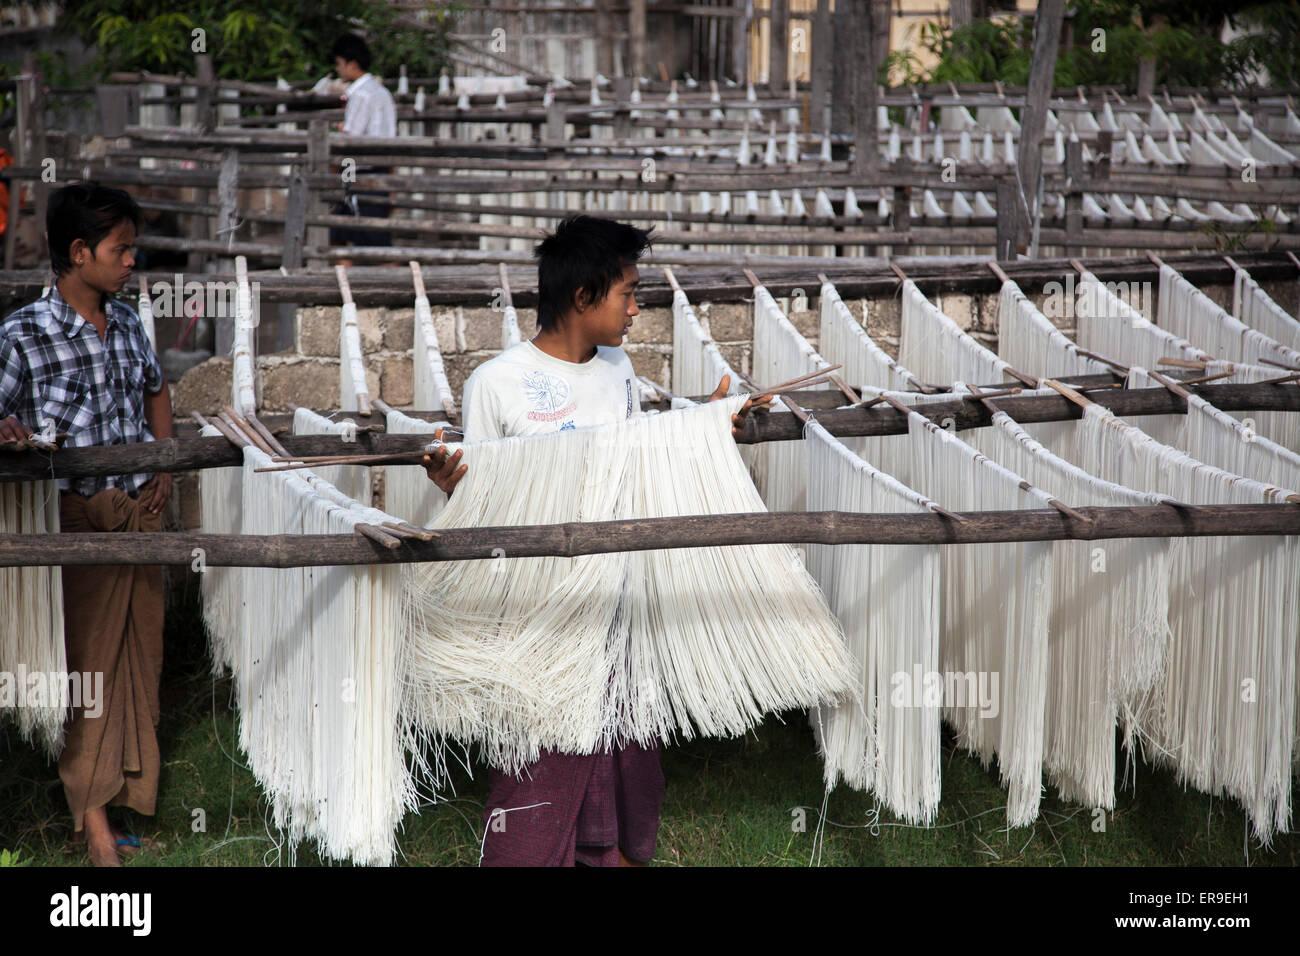 En Hsipaw, Birmania, fideos de arroz recién hecho se colgaban sobre postes para secar al aire libre después Imagen De Stock